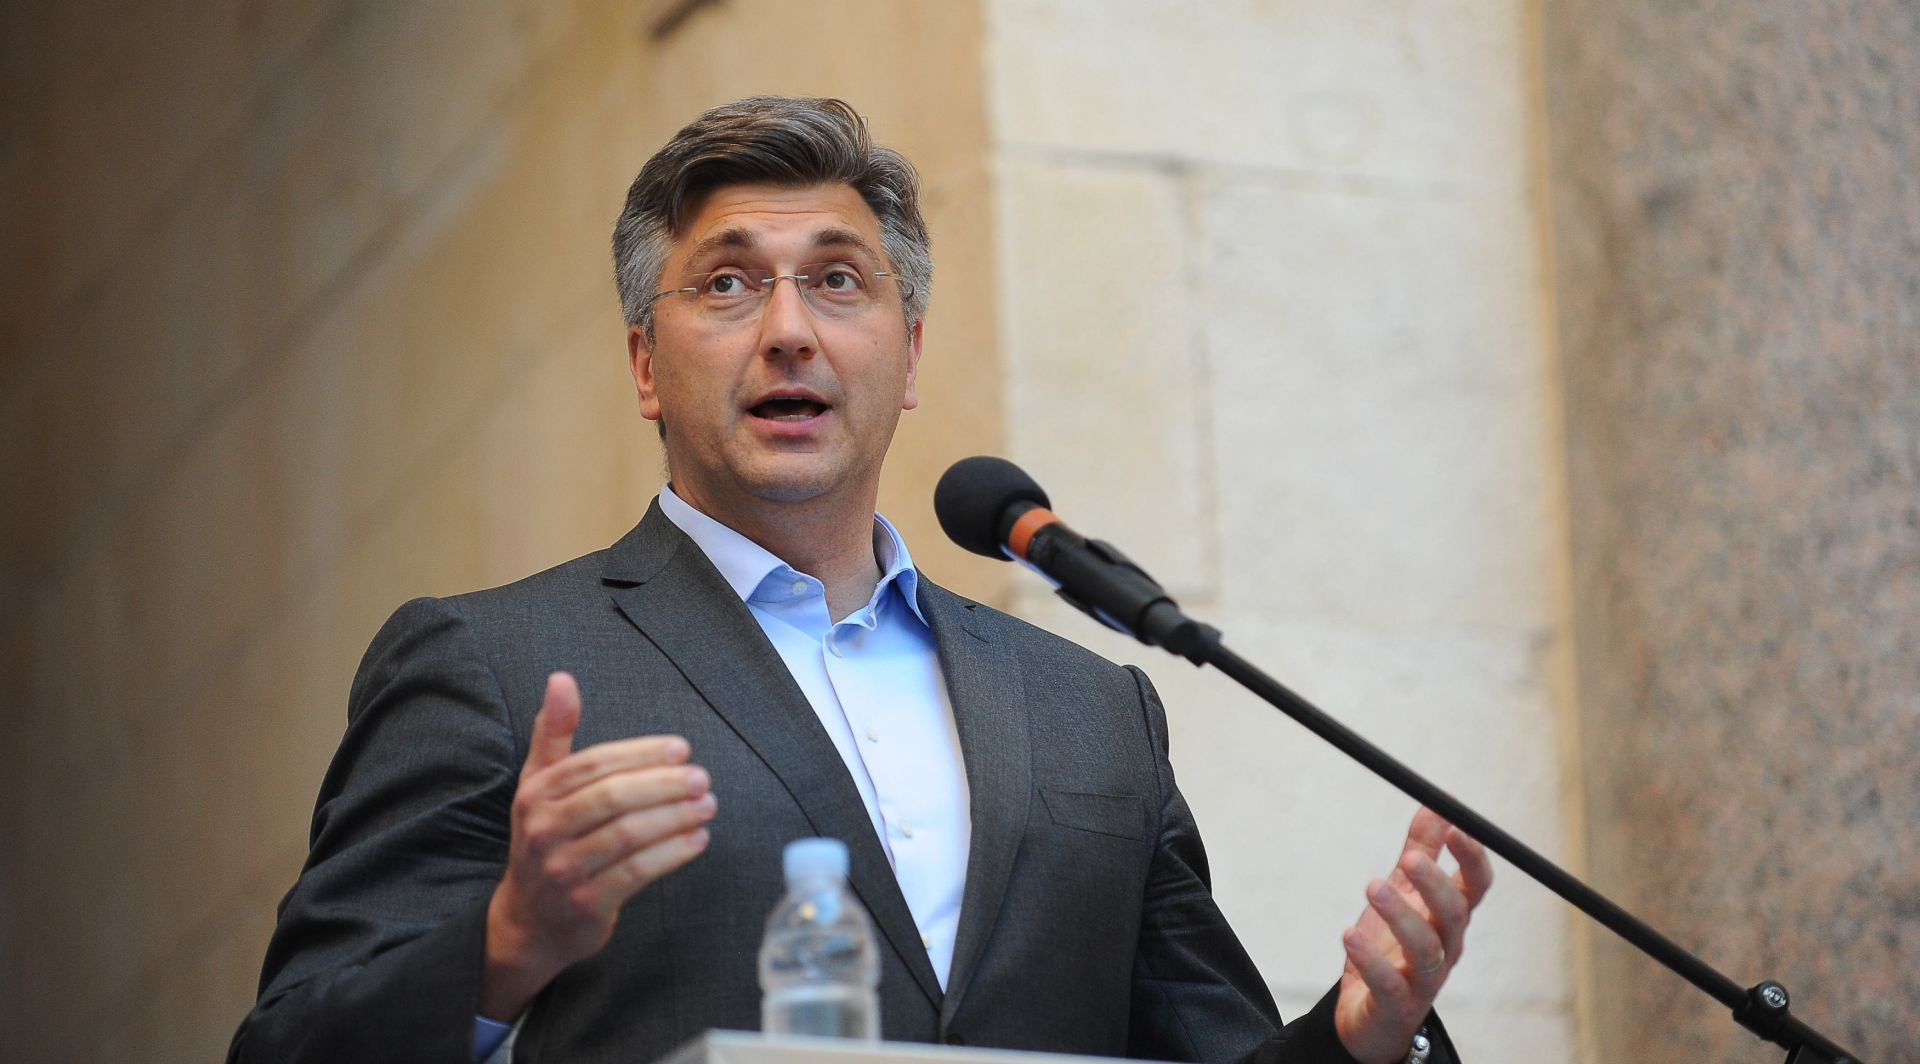 PLENKOVIĆEVO OBRAĆANJE JAVNOSTI 'Građani mogu očekivati korist od uvođenja eura'